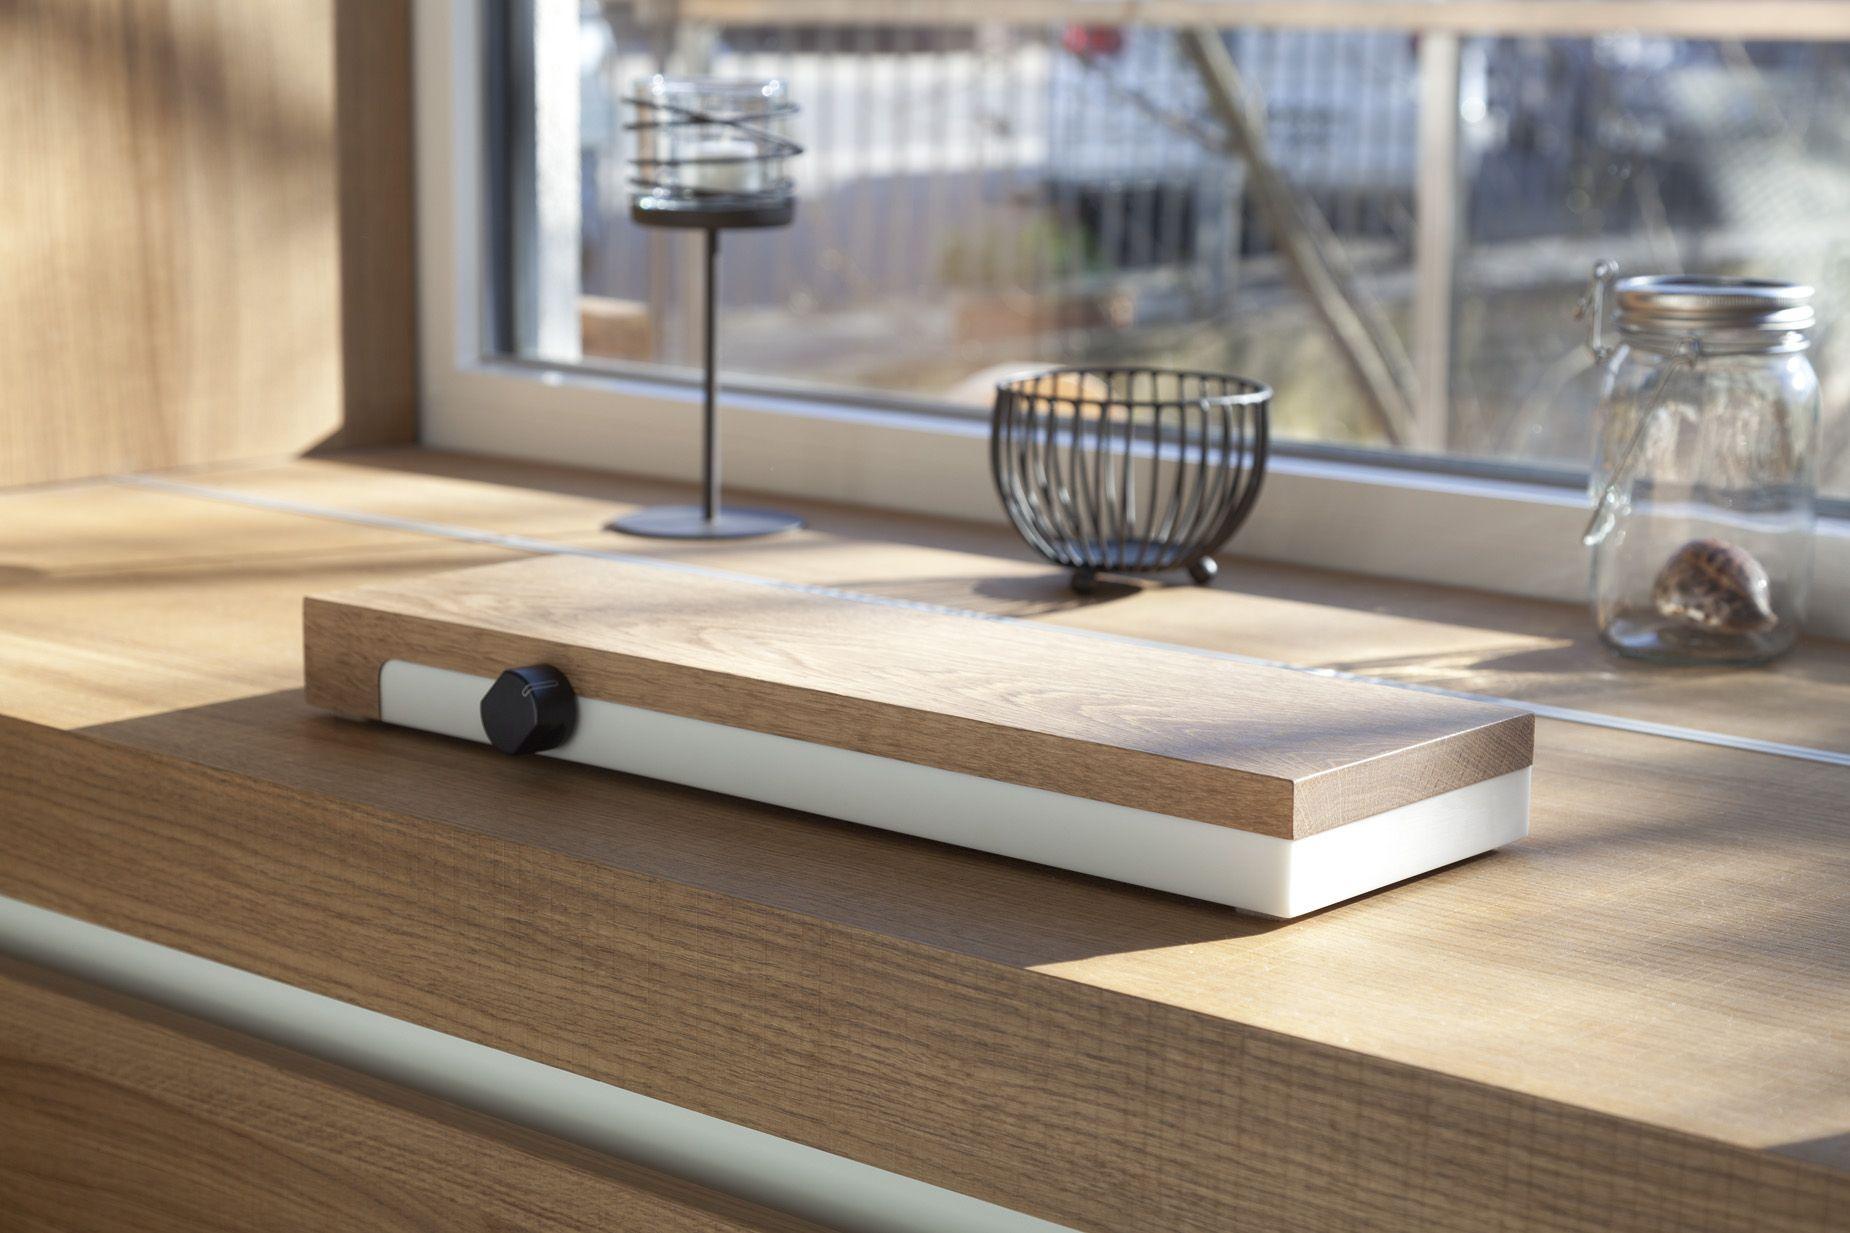 Audio Möbel soundmöbel sound möbel möbel mit lautsprechern lautsprecher in